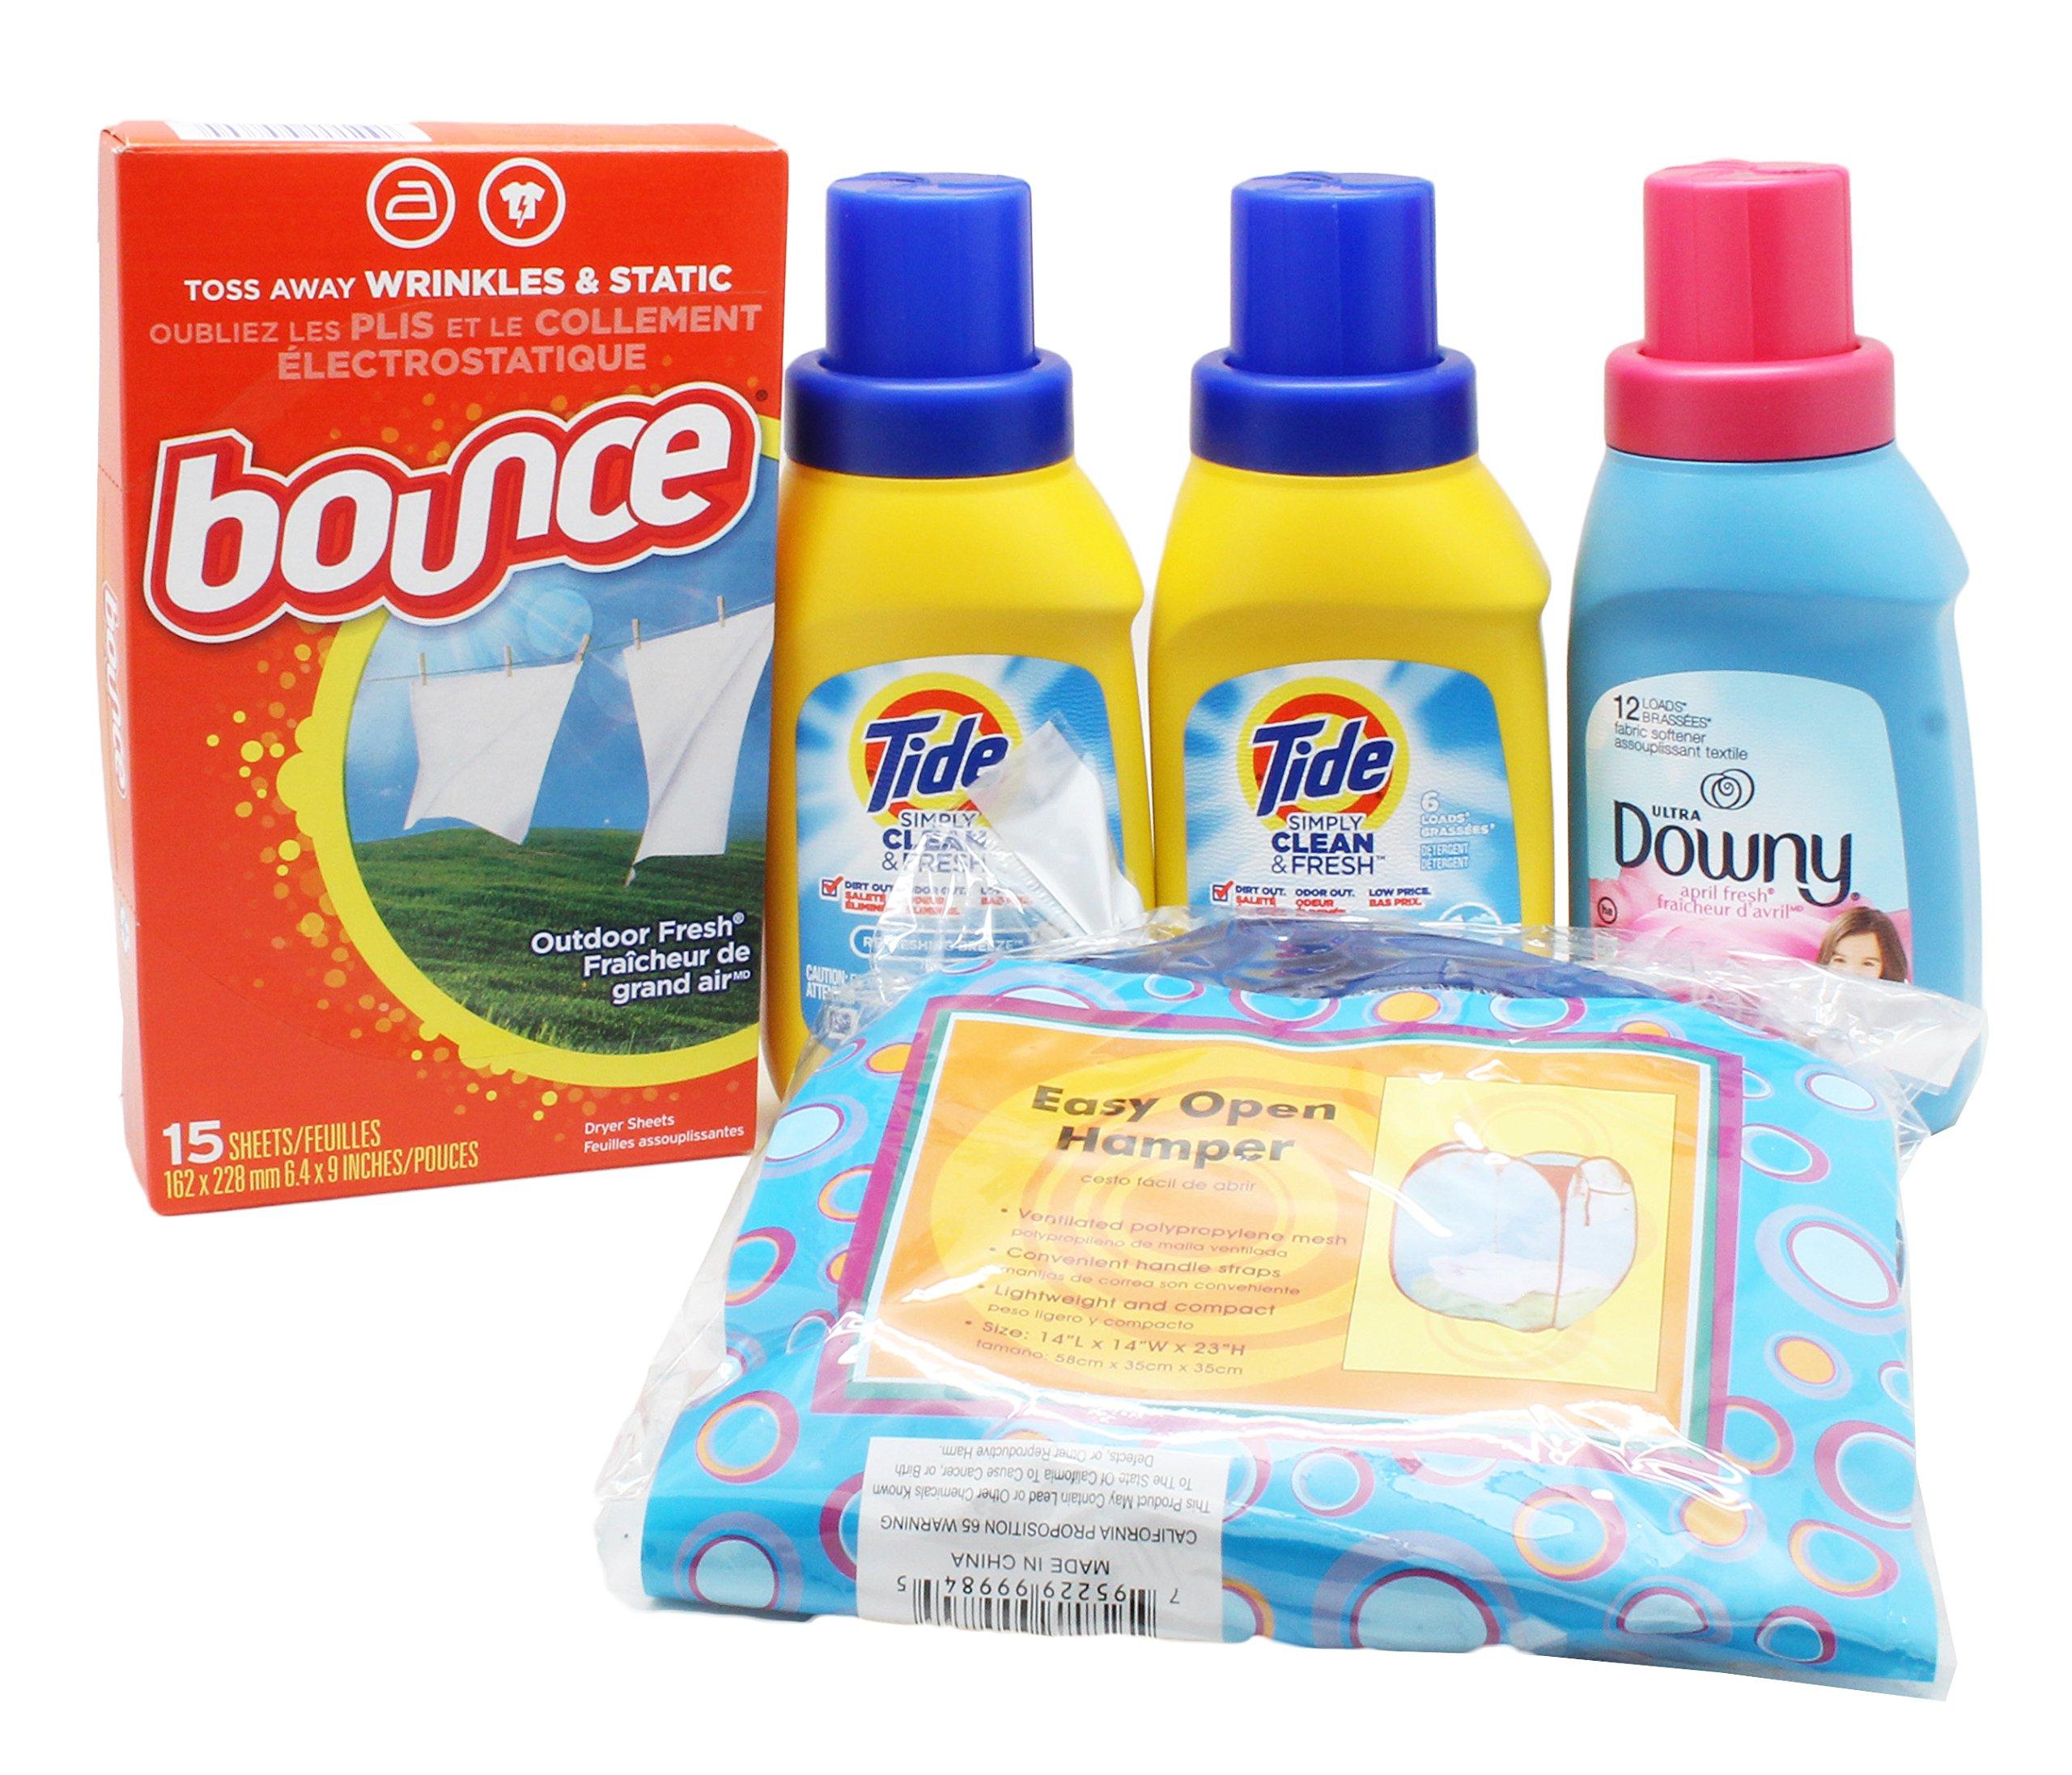 Dorm Room Laundry Kit with Tide Laundry Liquid Detergent, Downy Softener, Dryer Sheets & Bonus Hamper